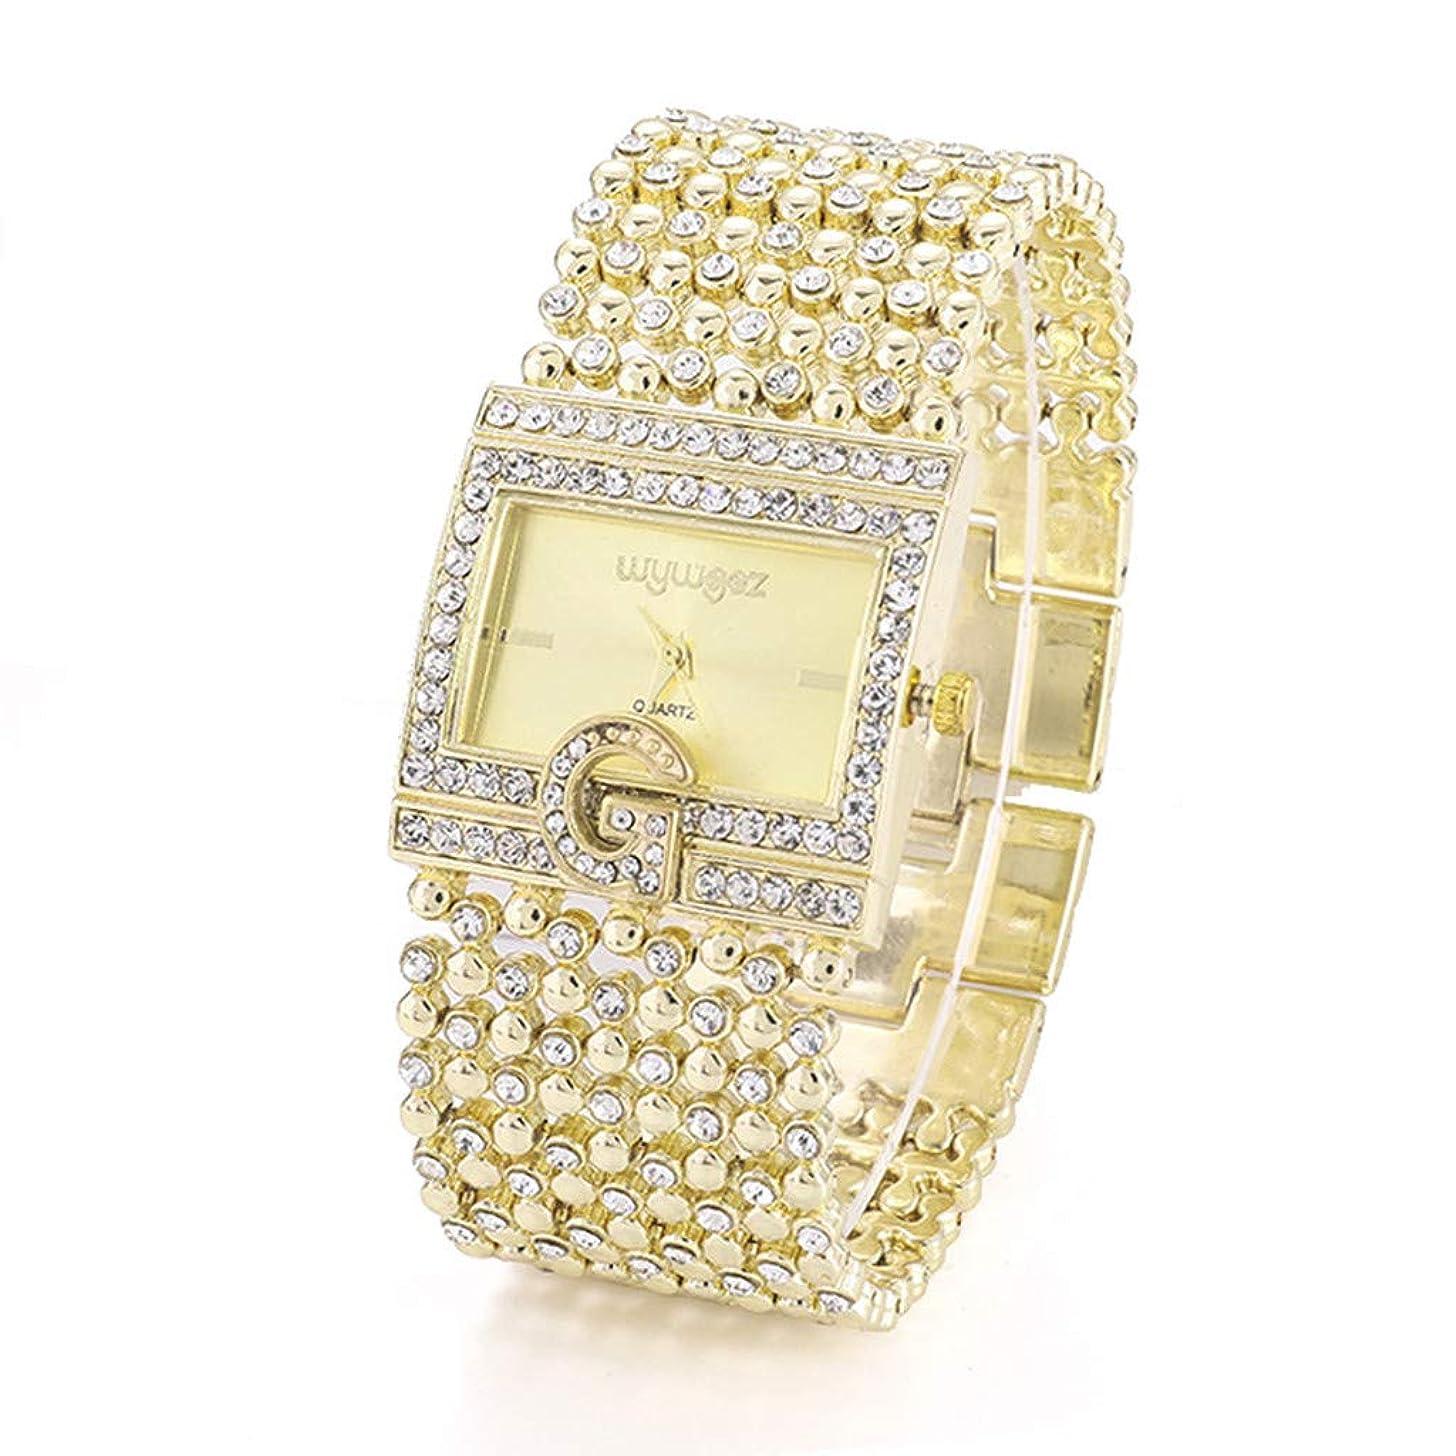 Wrist Watches for Women Under 5 ? Women Round Full Diamond Bracelet Watch Analog Quartz Movement Wrist Watch